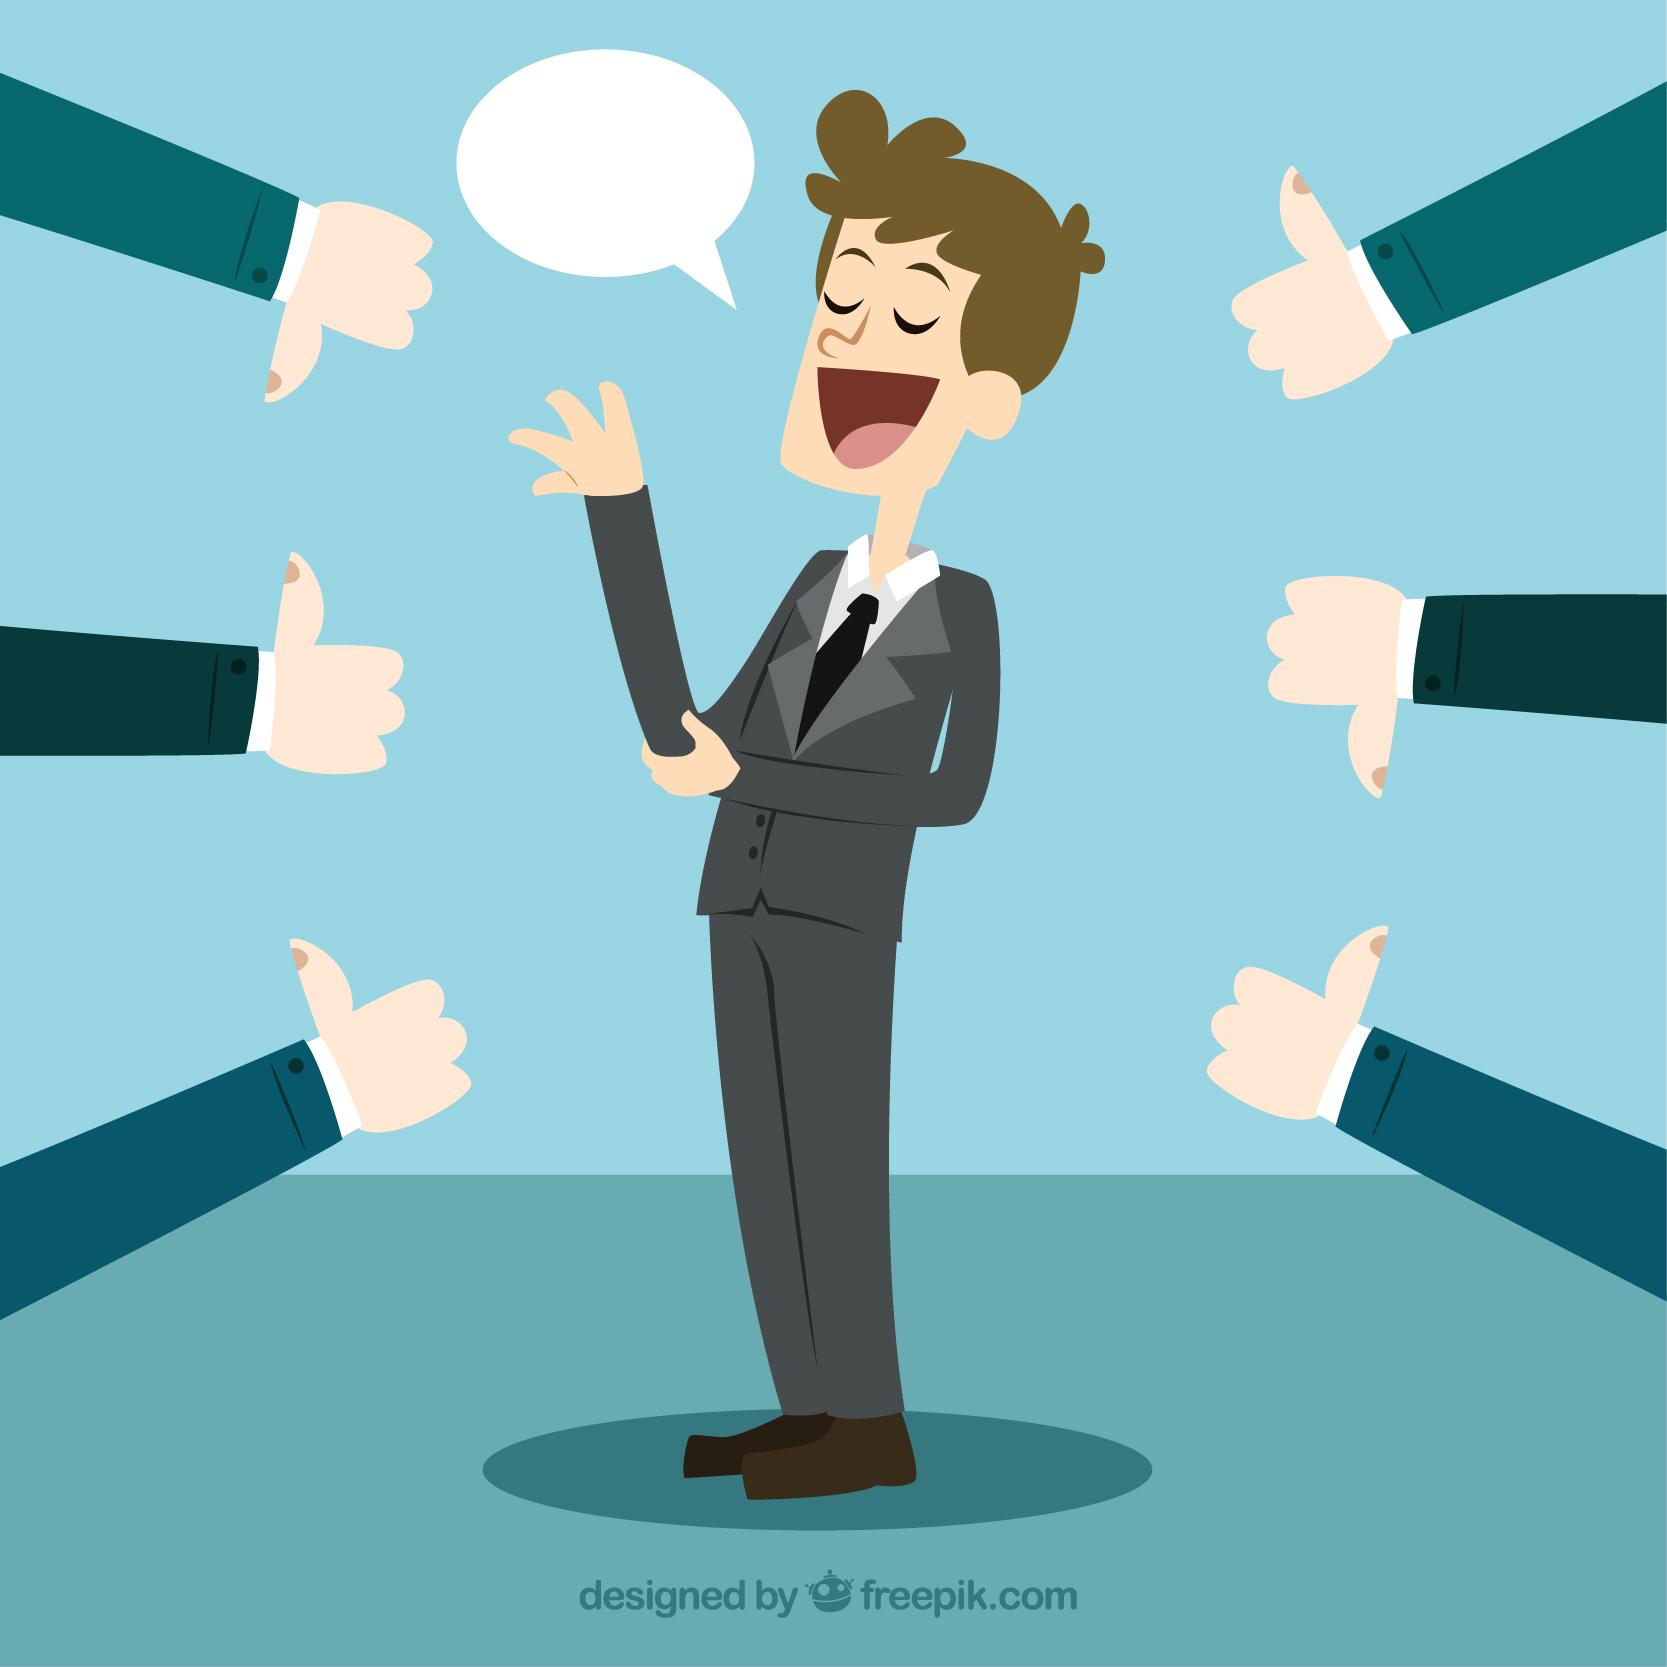 motivação no trabalho Neste super artigo você verá 5 pensamentos para você viver com sorriso colgate no rosto, mantendo a motivação no trabalho leia agora e inspire-se.